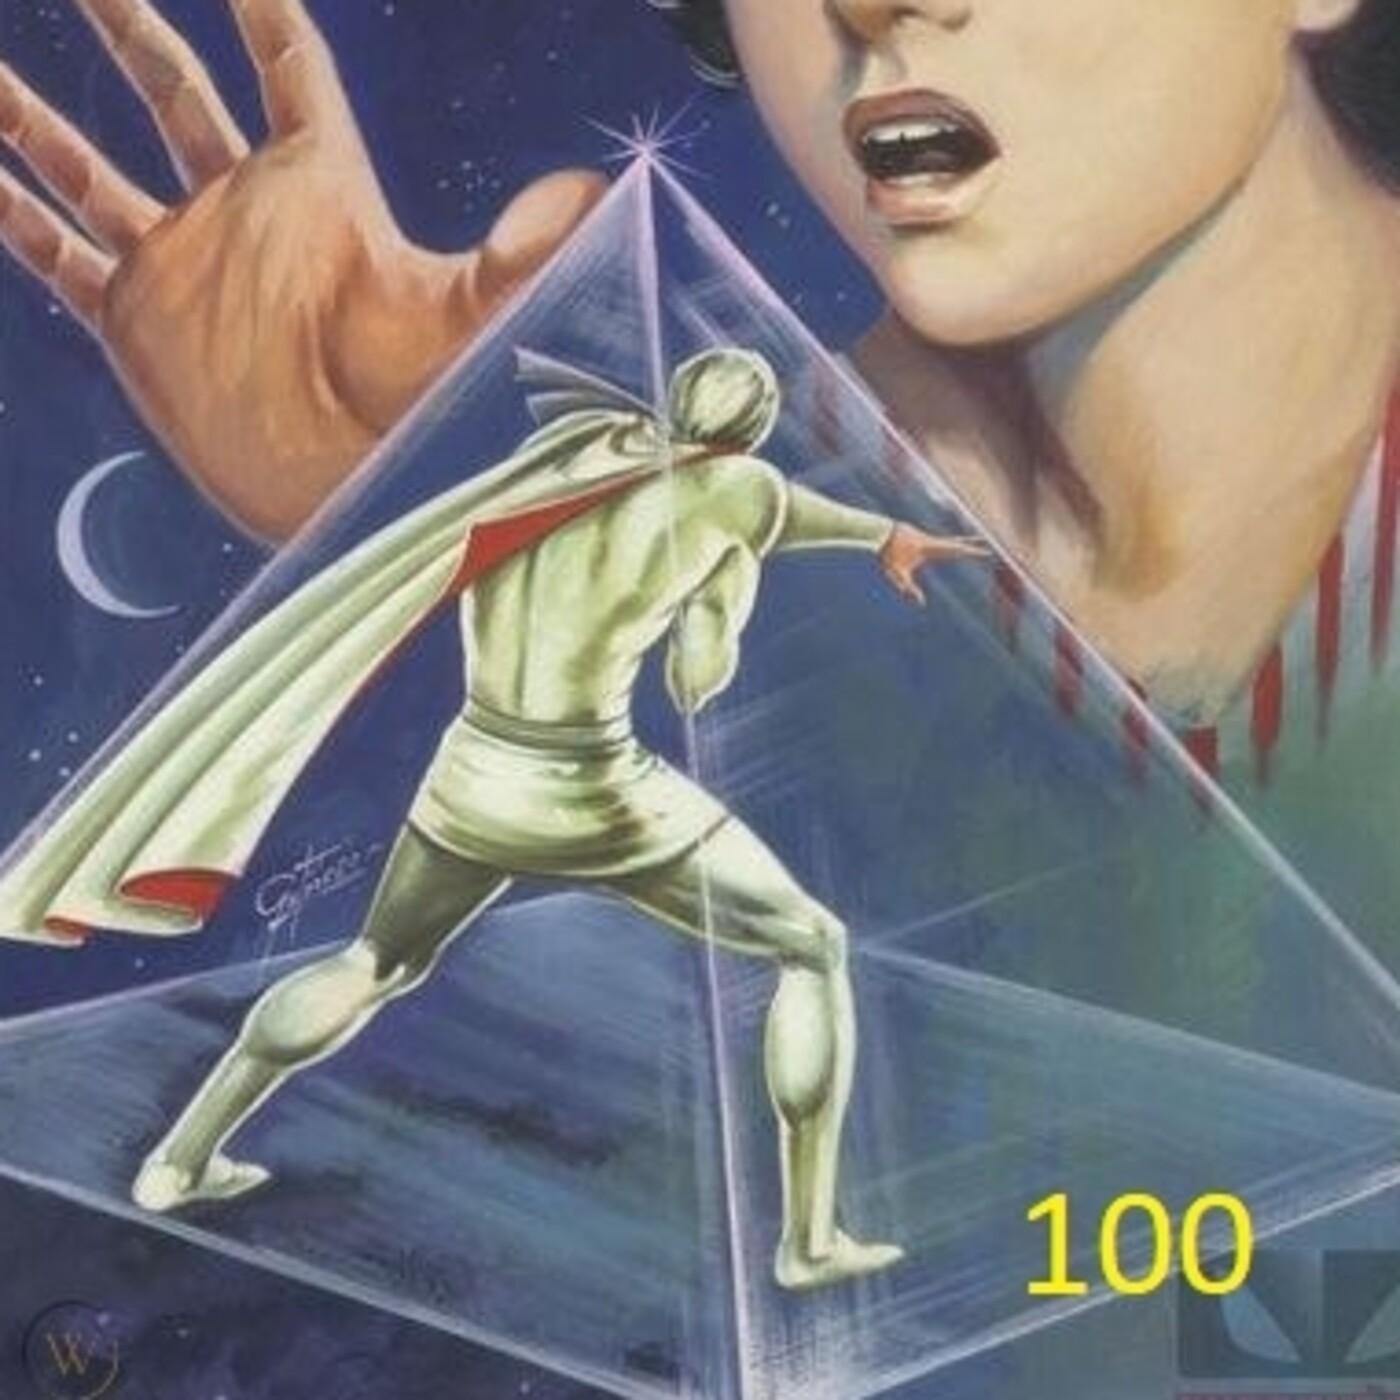 30x100 Muerte en la cuarta dimensión Kaliman